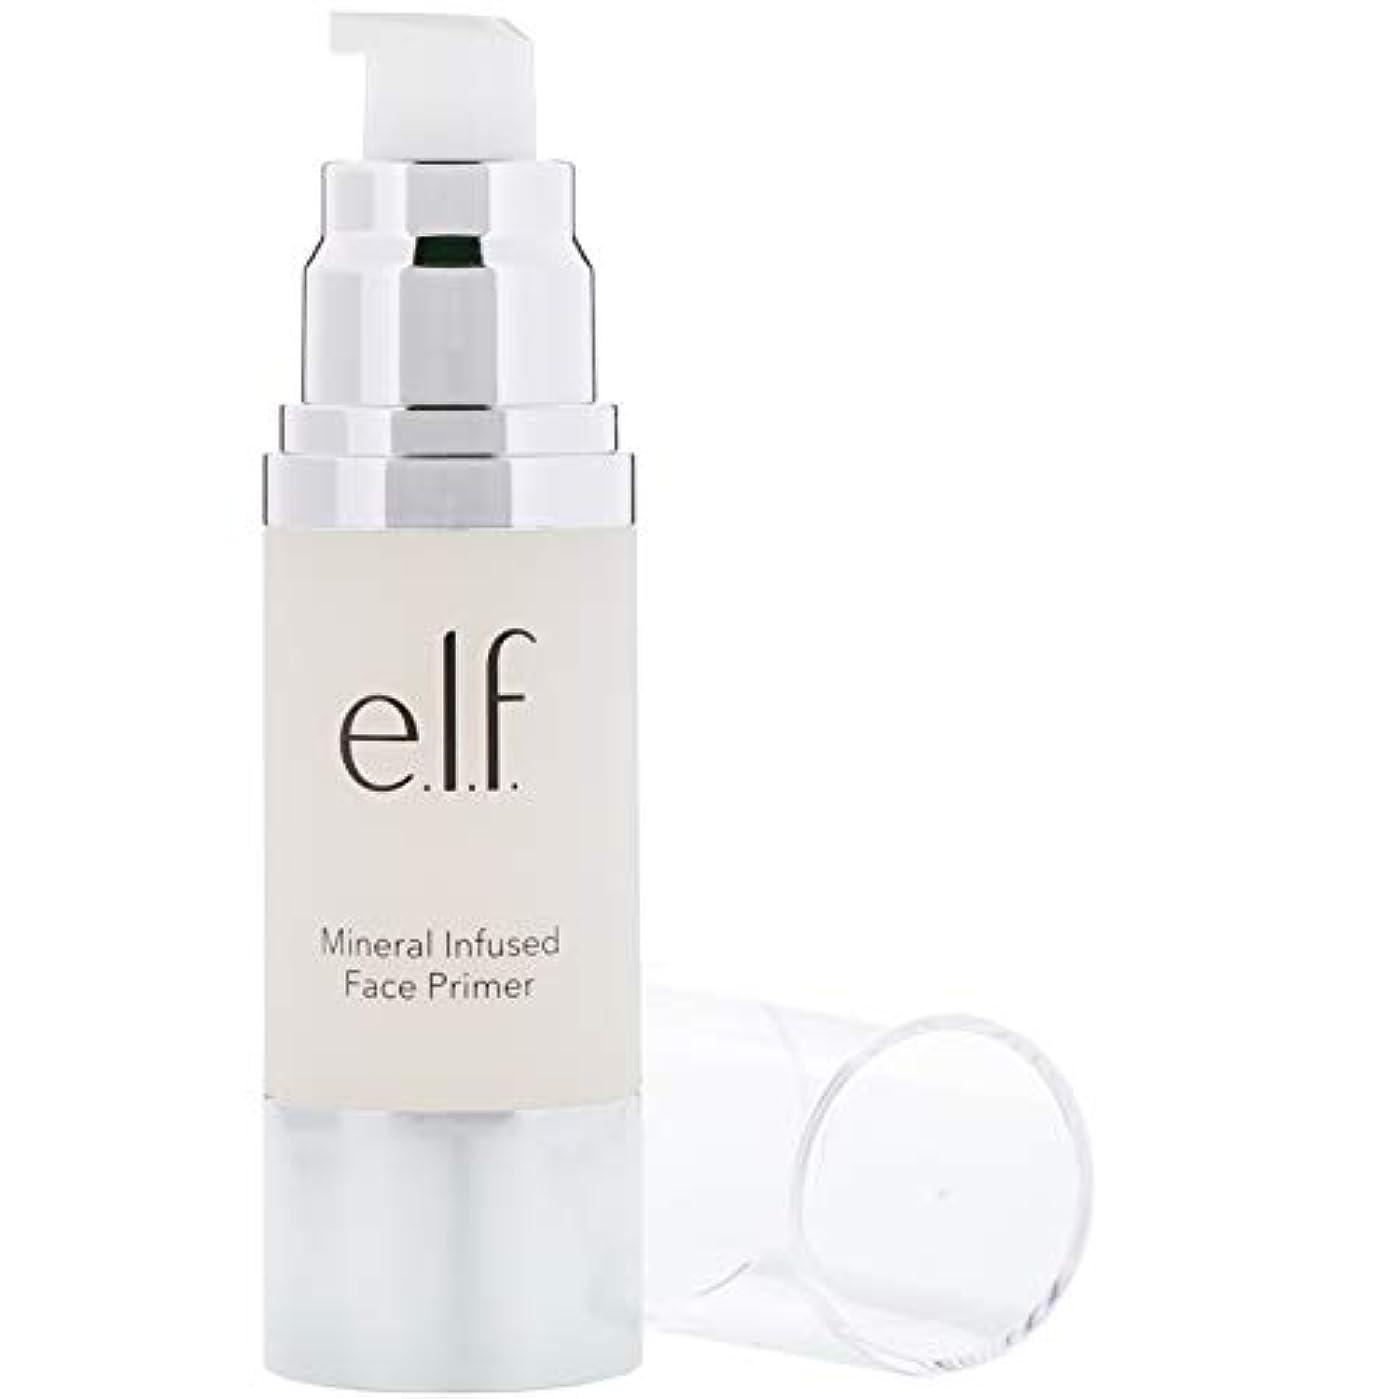 レイア所有者スティーブンソンe.l.f. Mineral Infused Face Primer Large - Clear (並行輸入品)